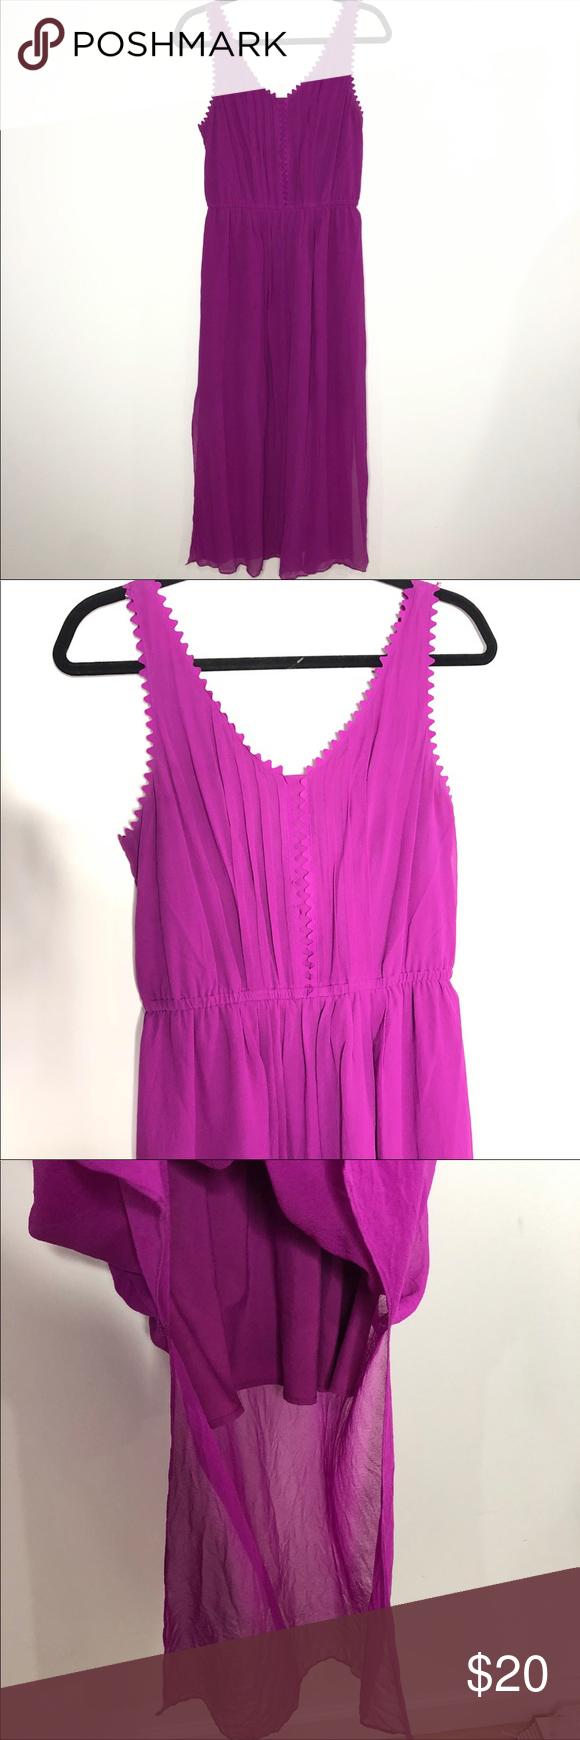 Club Monaco Size 4 Purple V Neck Dress Club Monaco Size 4 Purple V Neck Dress Detailed Hem Measurements Chest 16 V Neck Dress Club Monaco Dress Club Dresses [ 1740 x 580 Pixel ]